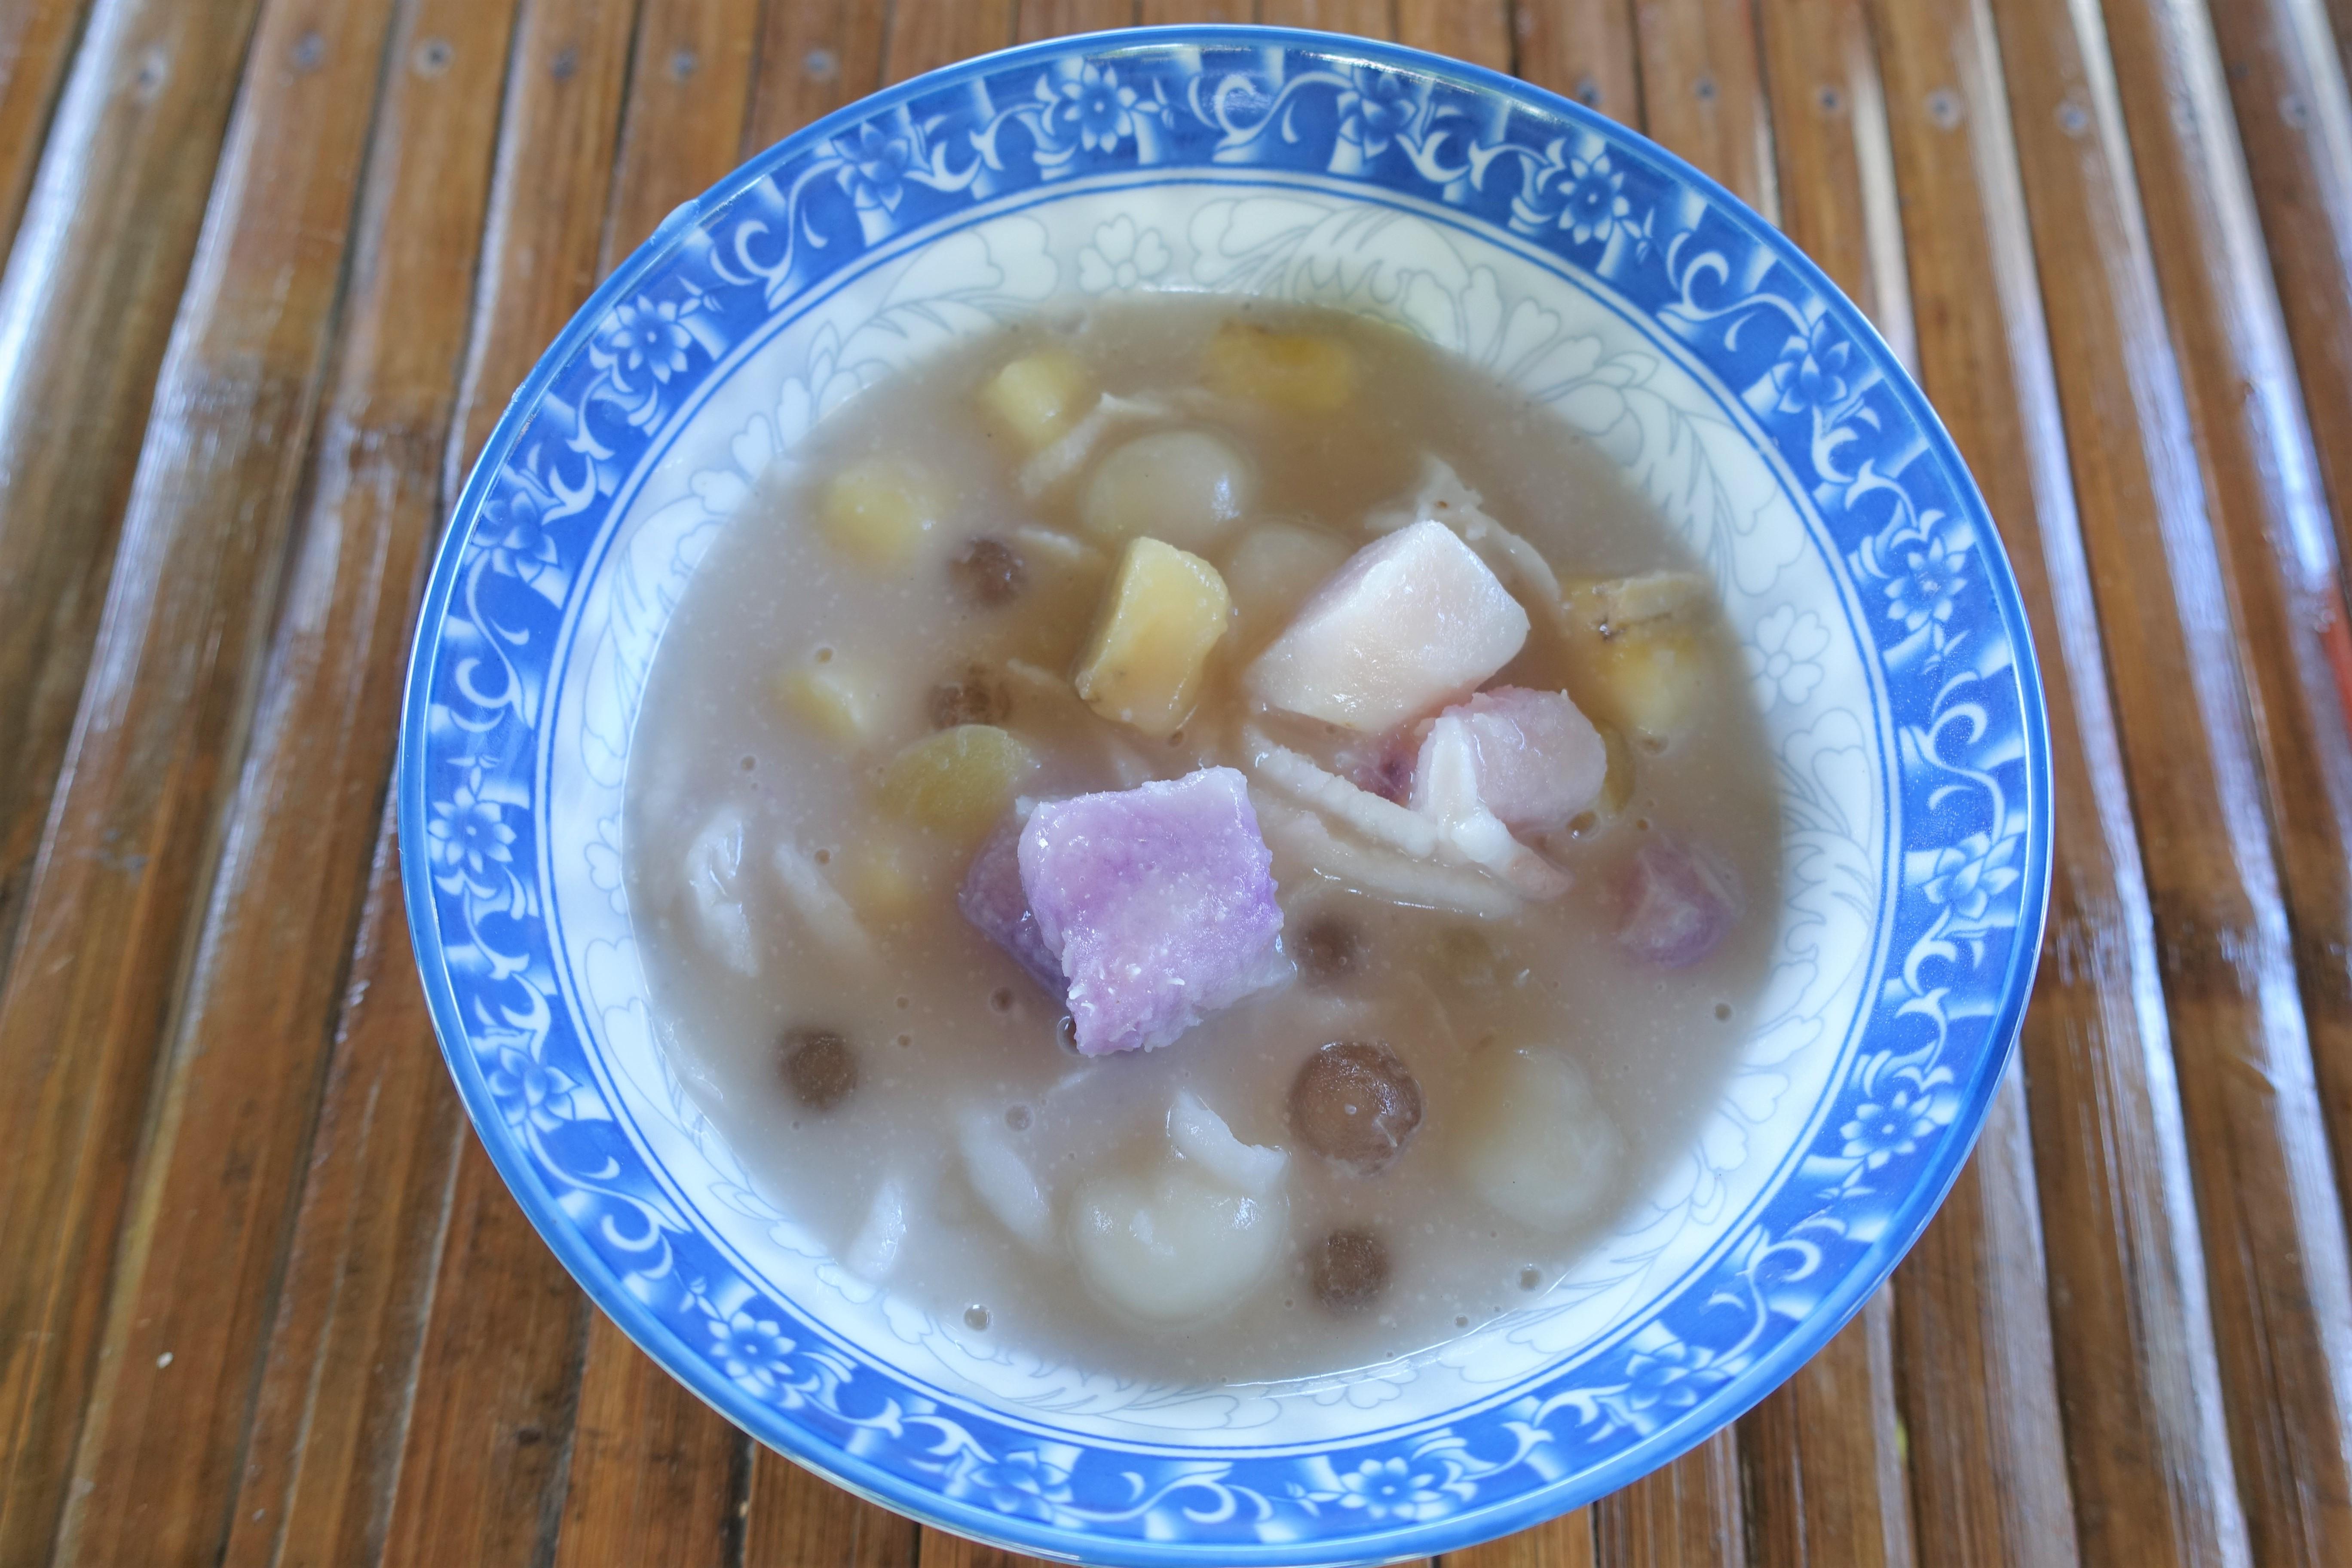 ギナタアンビロビロ フィリピン料理